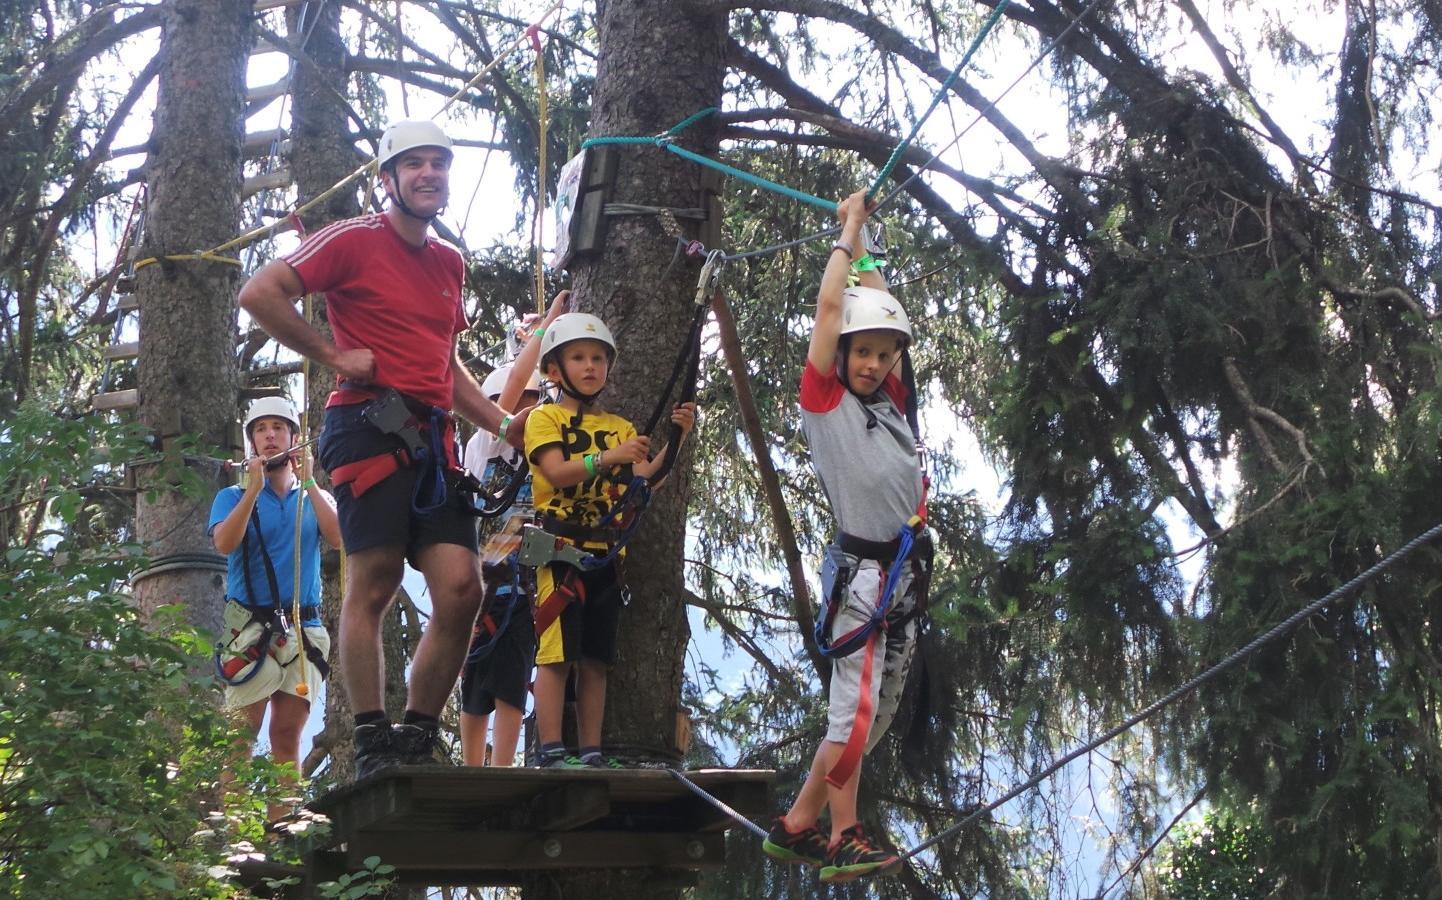 Kletterausrüstung Naturns : Abenteuer hochseilgarten burggrafenamt online